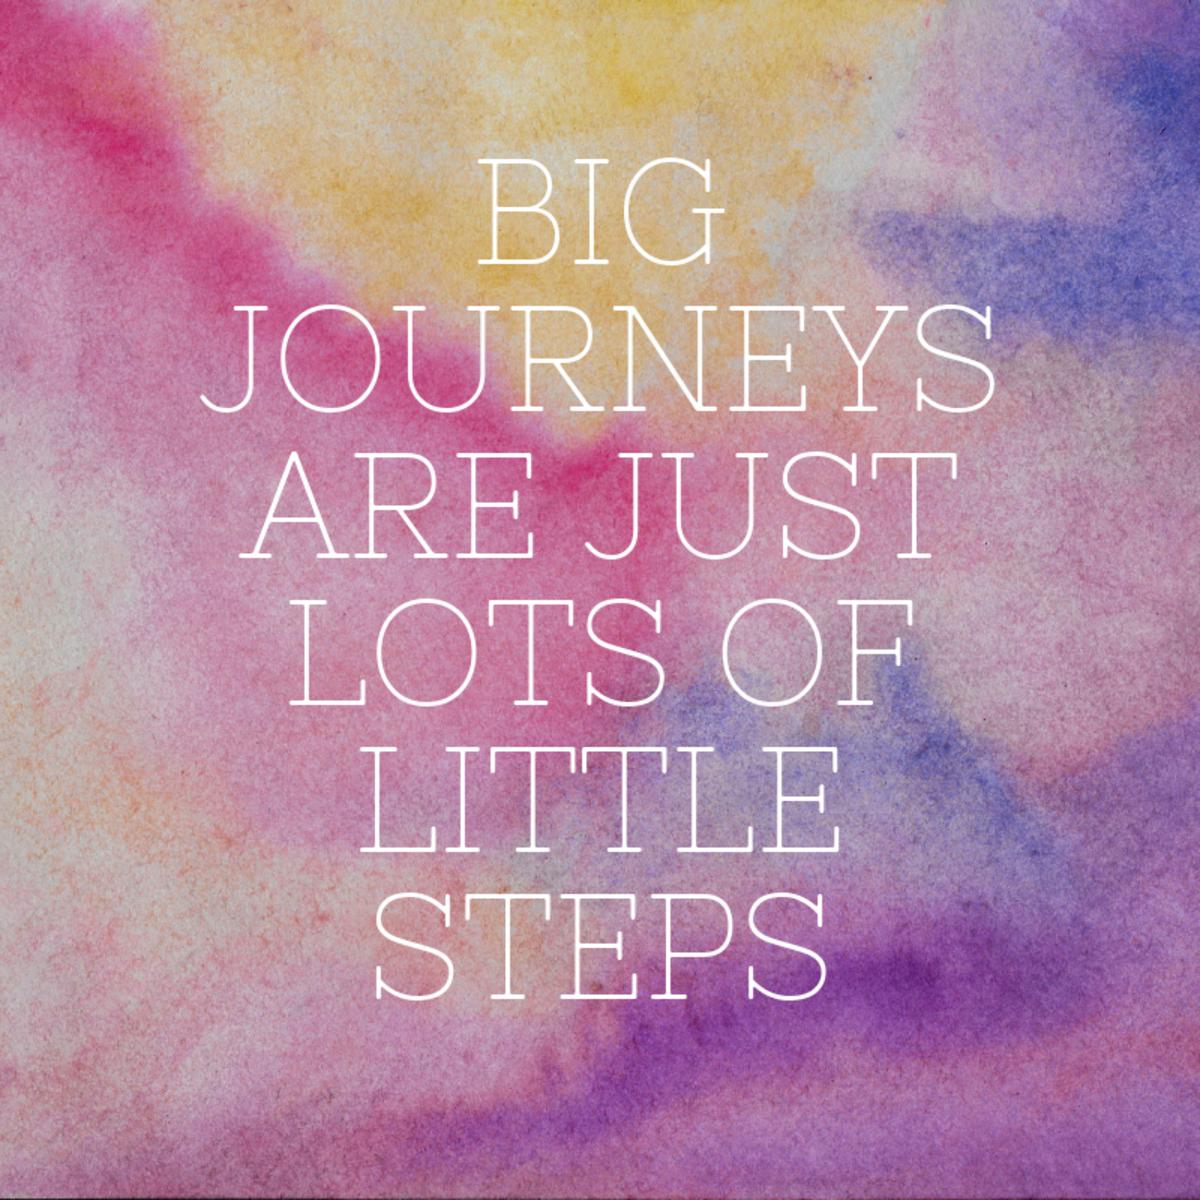 Big Journey Little Steps